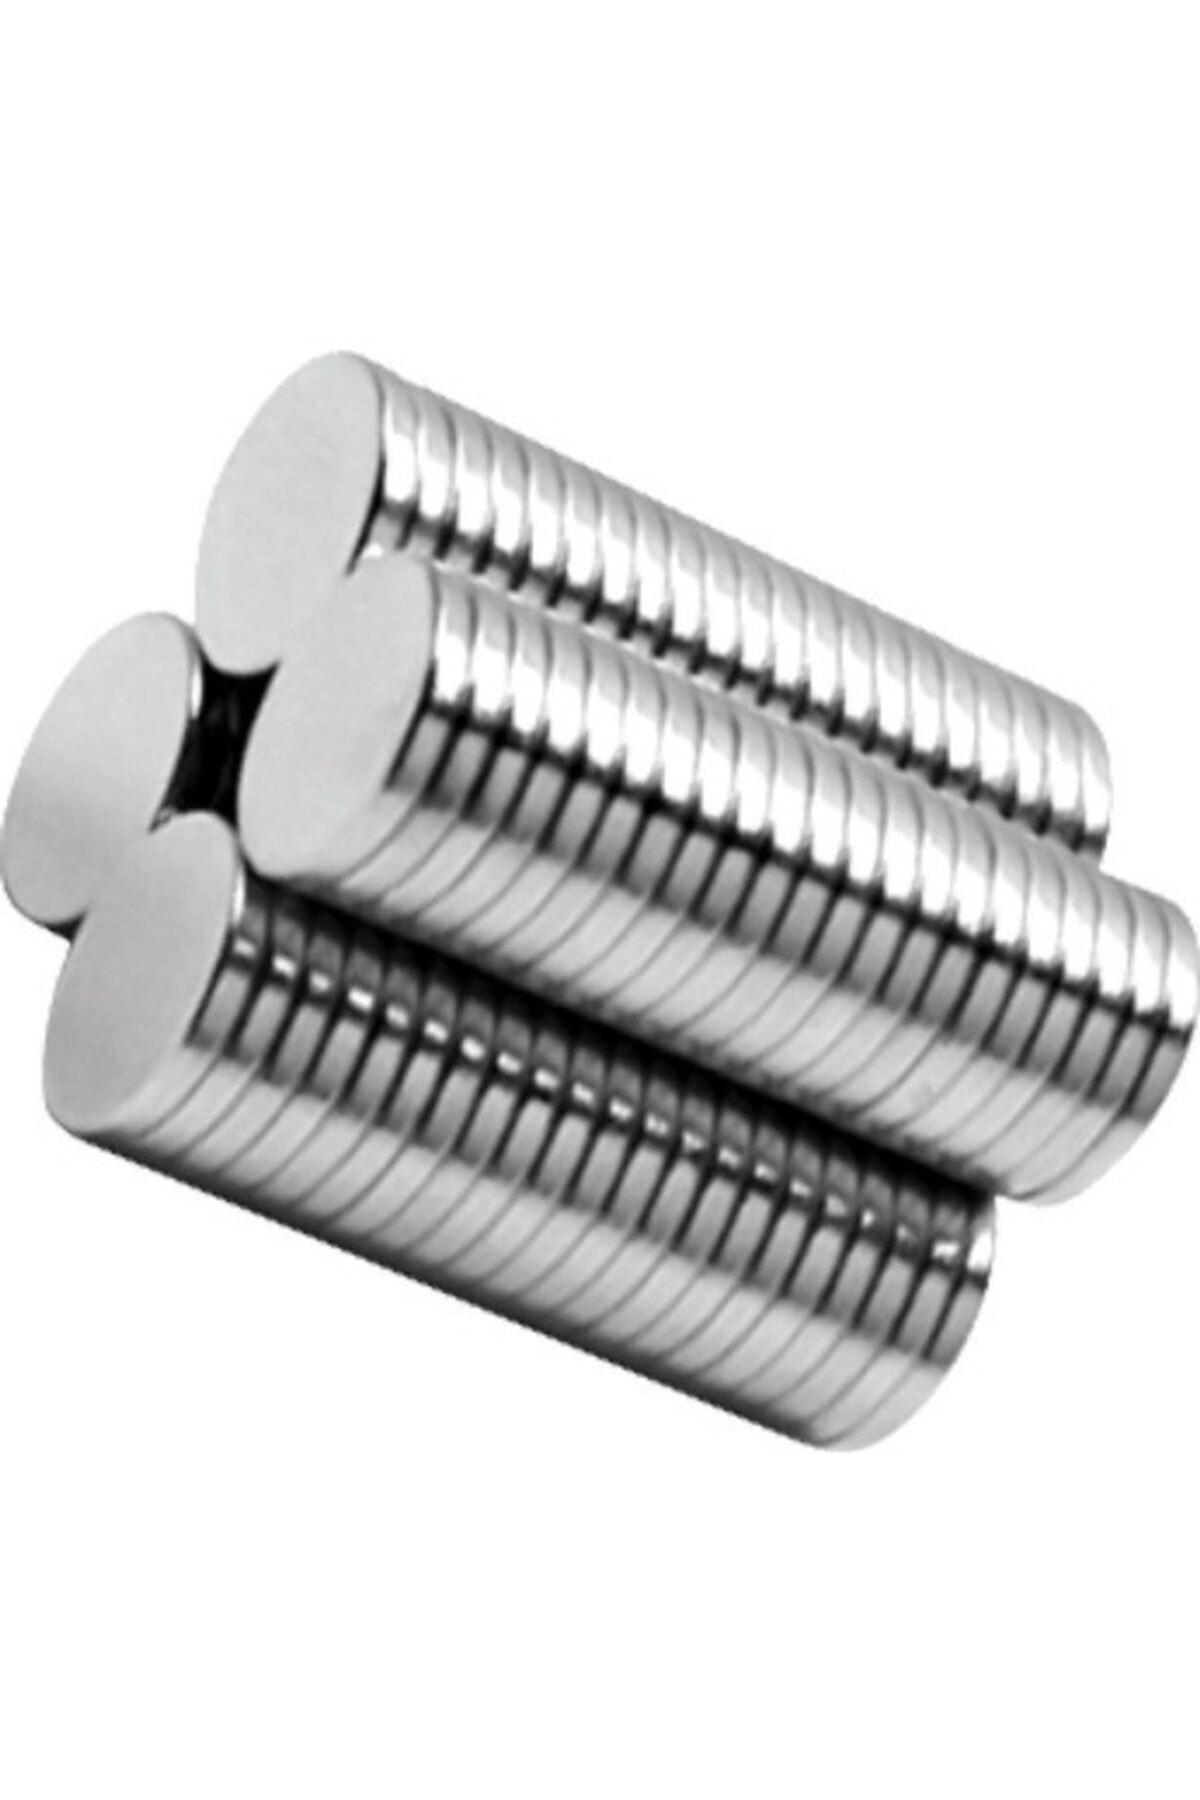 NeoHobi 10 Adet Neodyum Mıknatıs - Çok Güçlü - Çap:10m Kalınlık:1mm 2